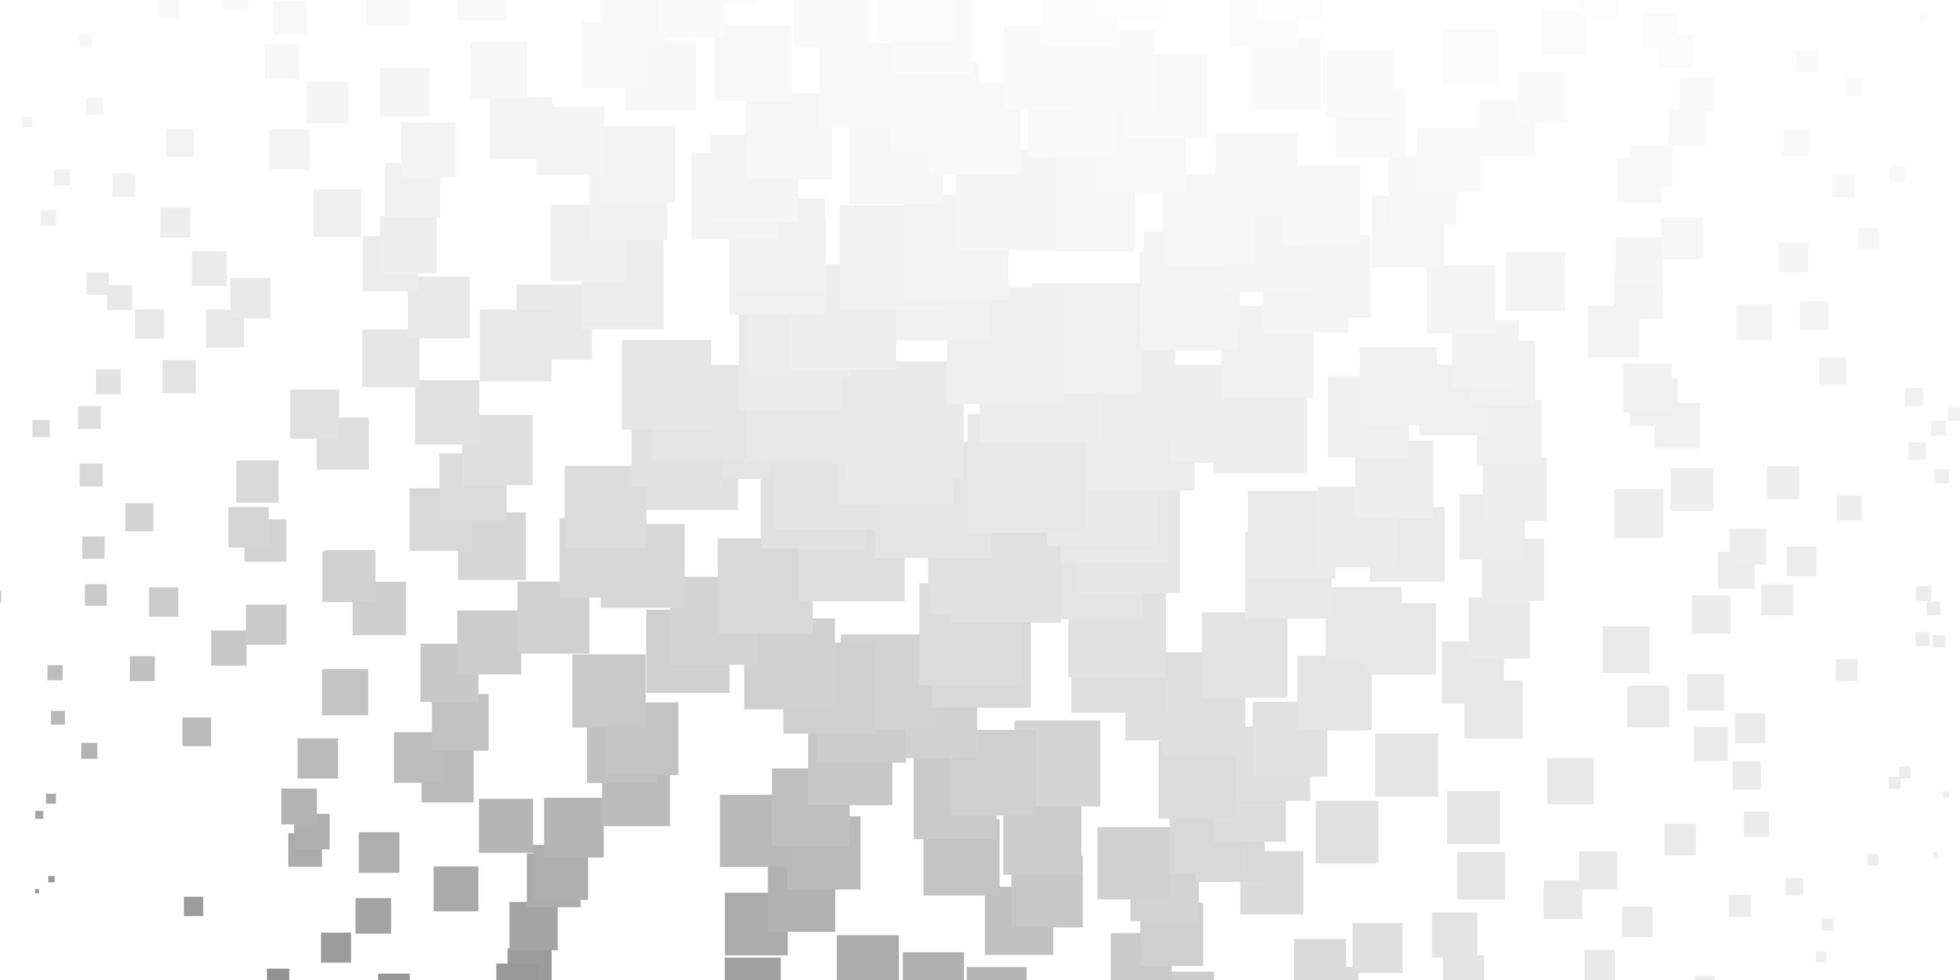 hellgraues Layout mit Linien, Rechtecken. vektor